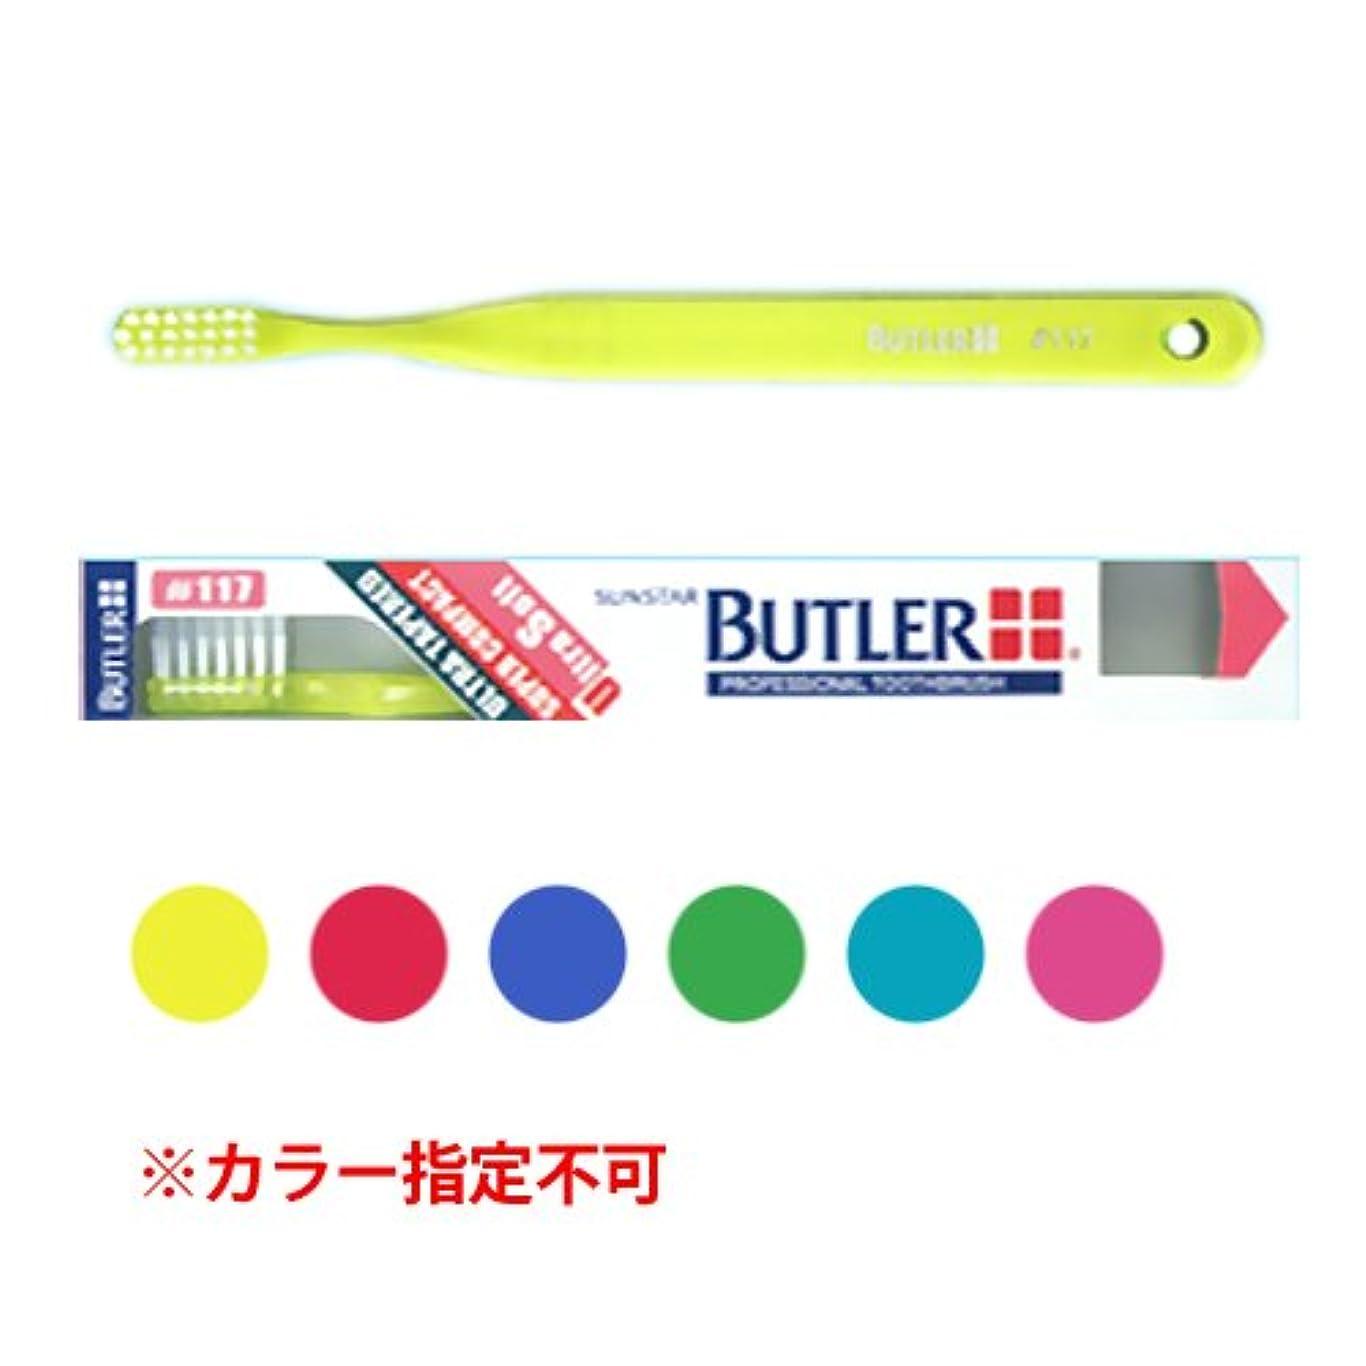 鎮静剤ミルパワーバトラー 歯ブラシ 1本 #117